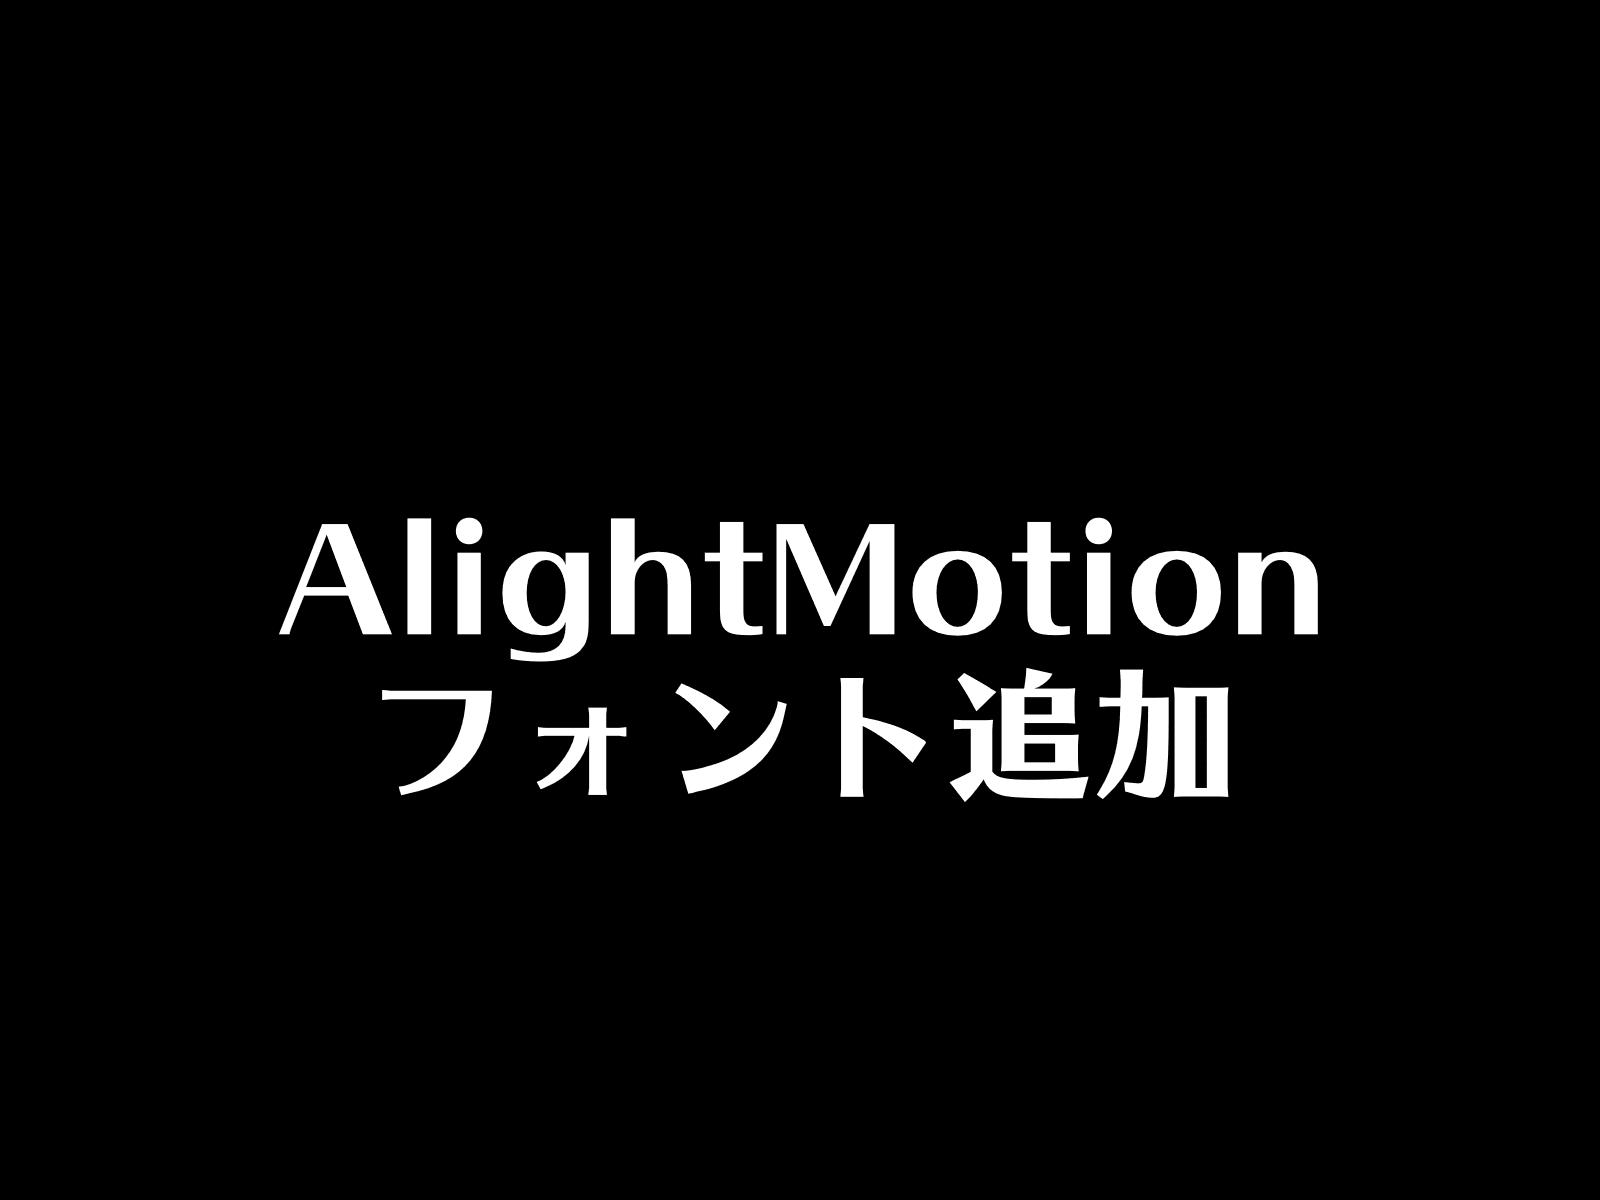 AlightMotionフォント追加